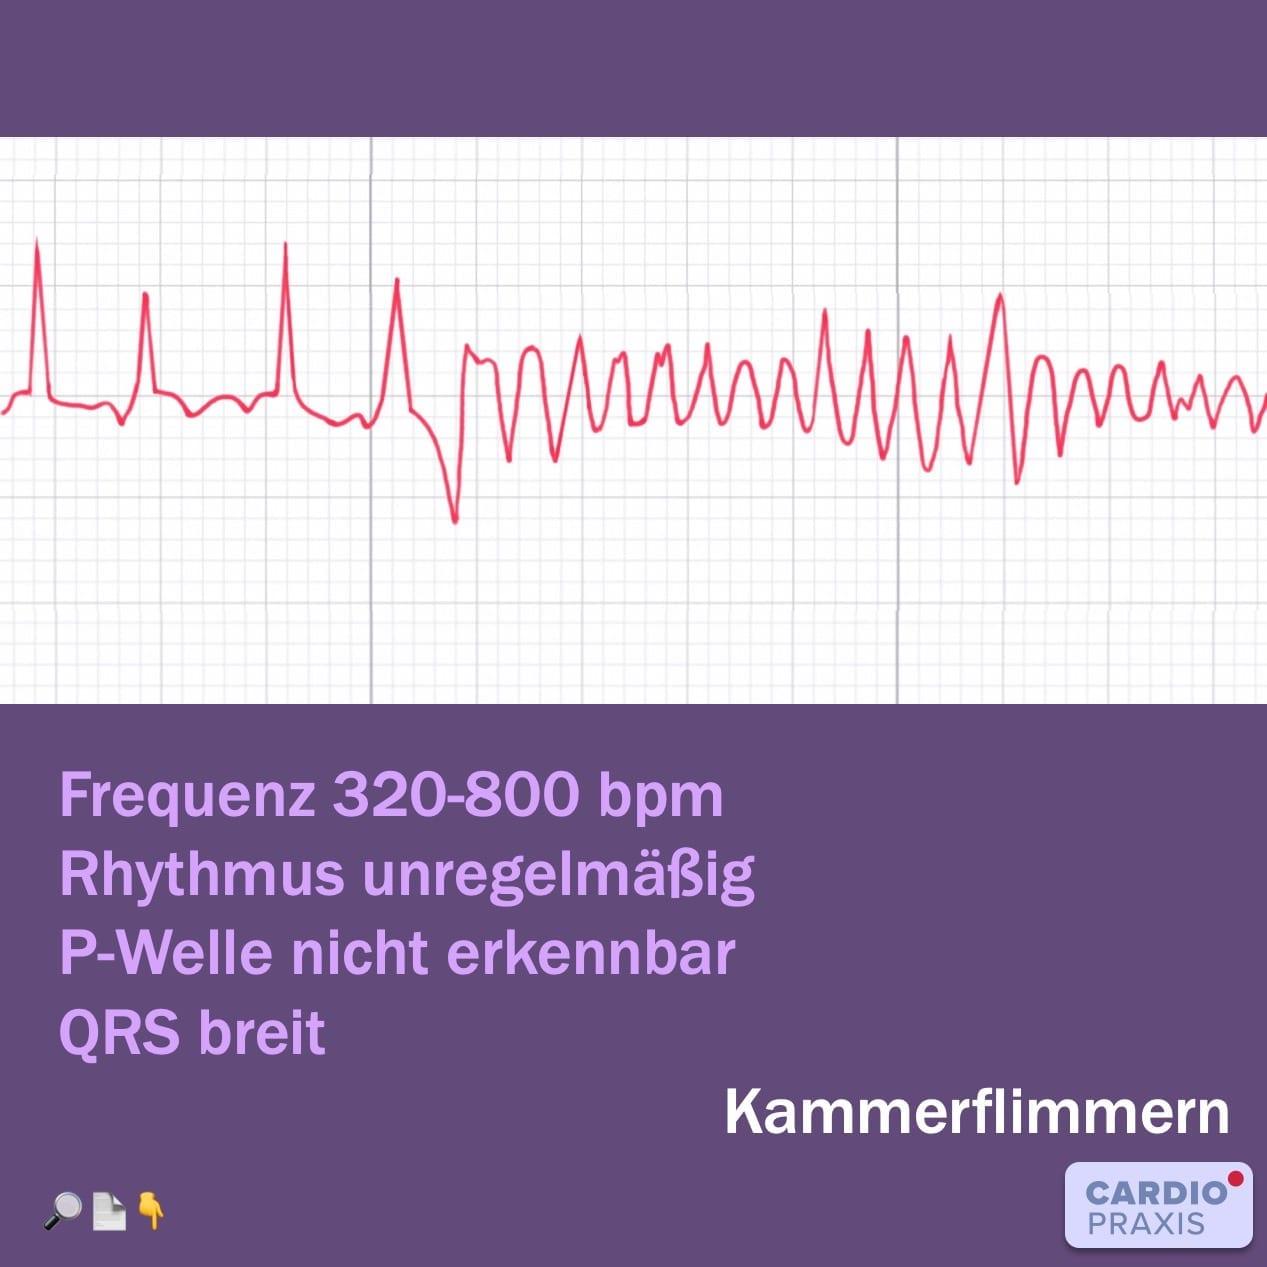 Plötzlicher Herztod - Kammerflimmern im Langzeit-EKG